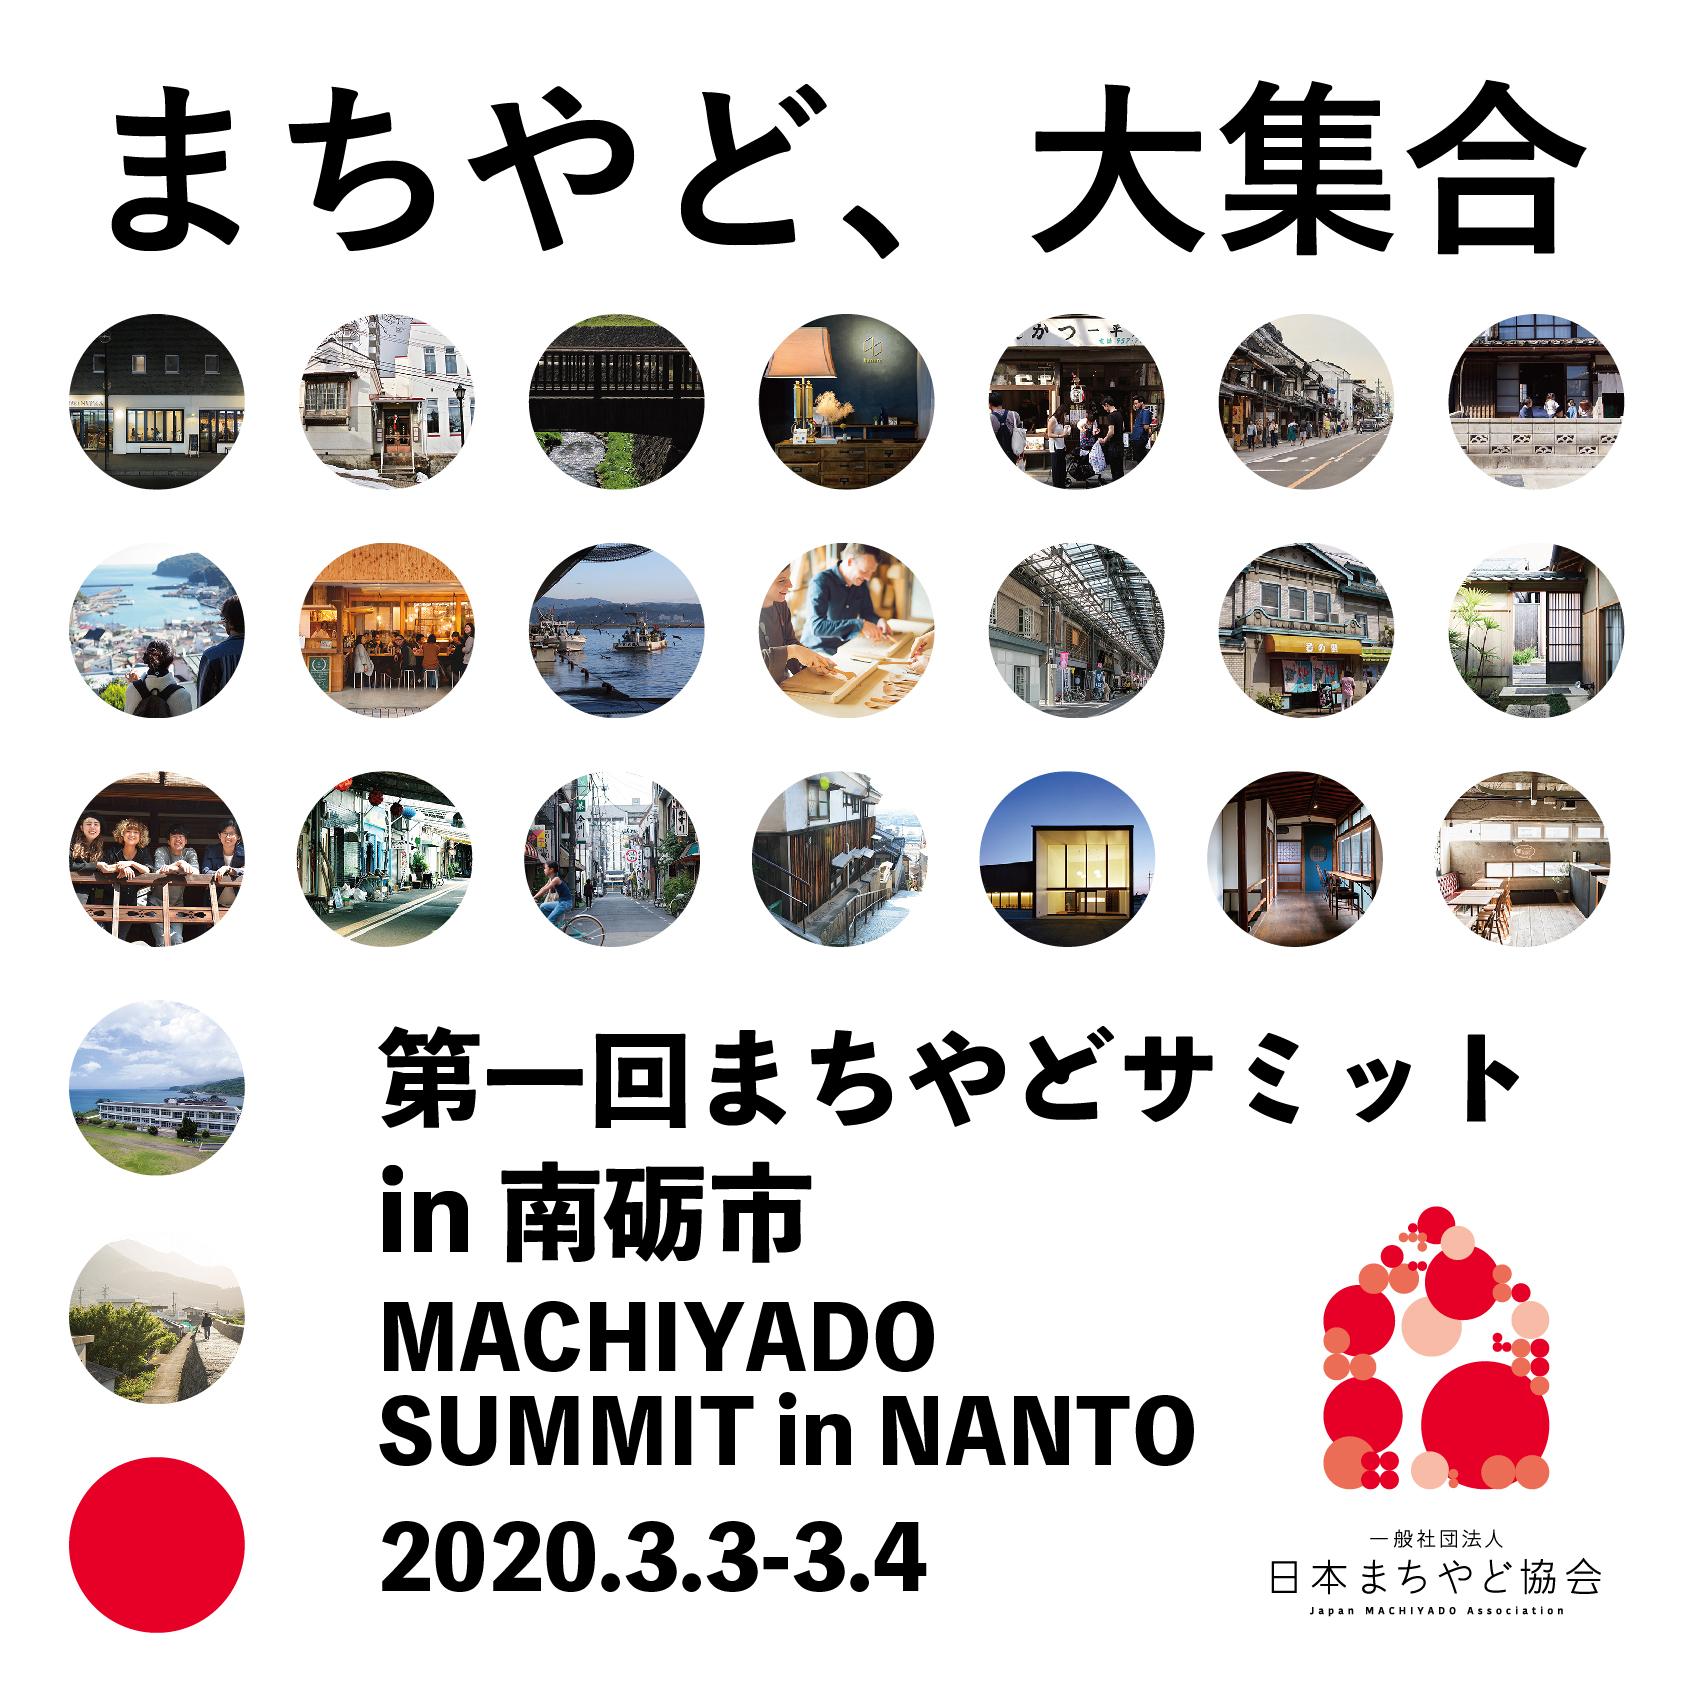 第一回まちやどサミット in 南砺市 / MACHIYADO SUMMIT in NANTO 2020